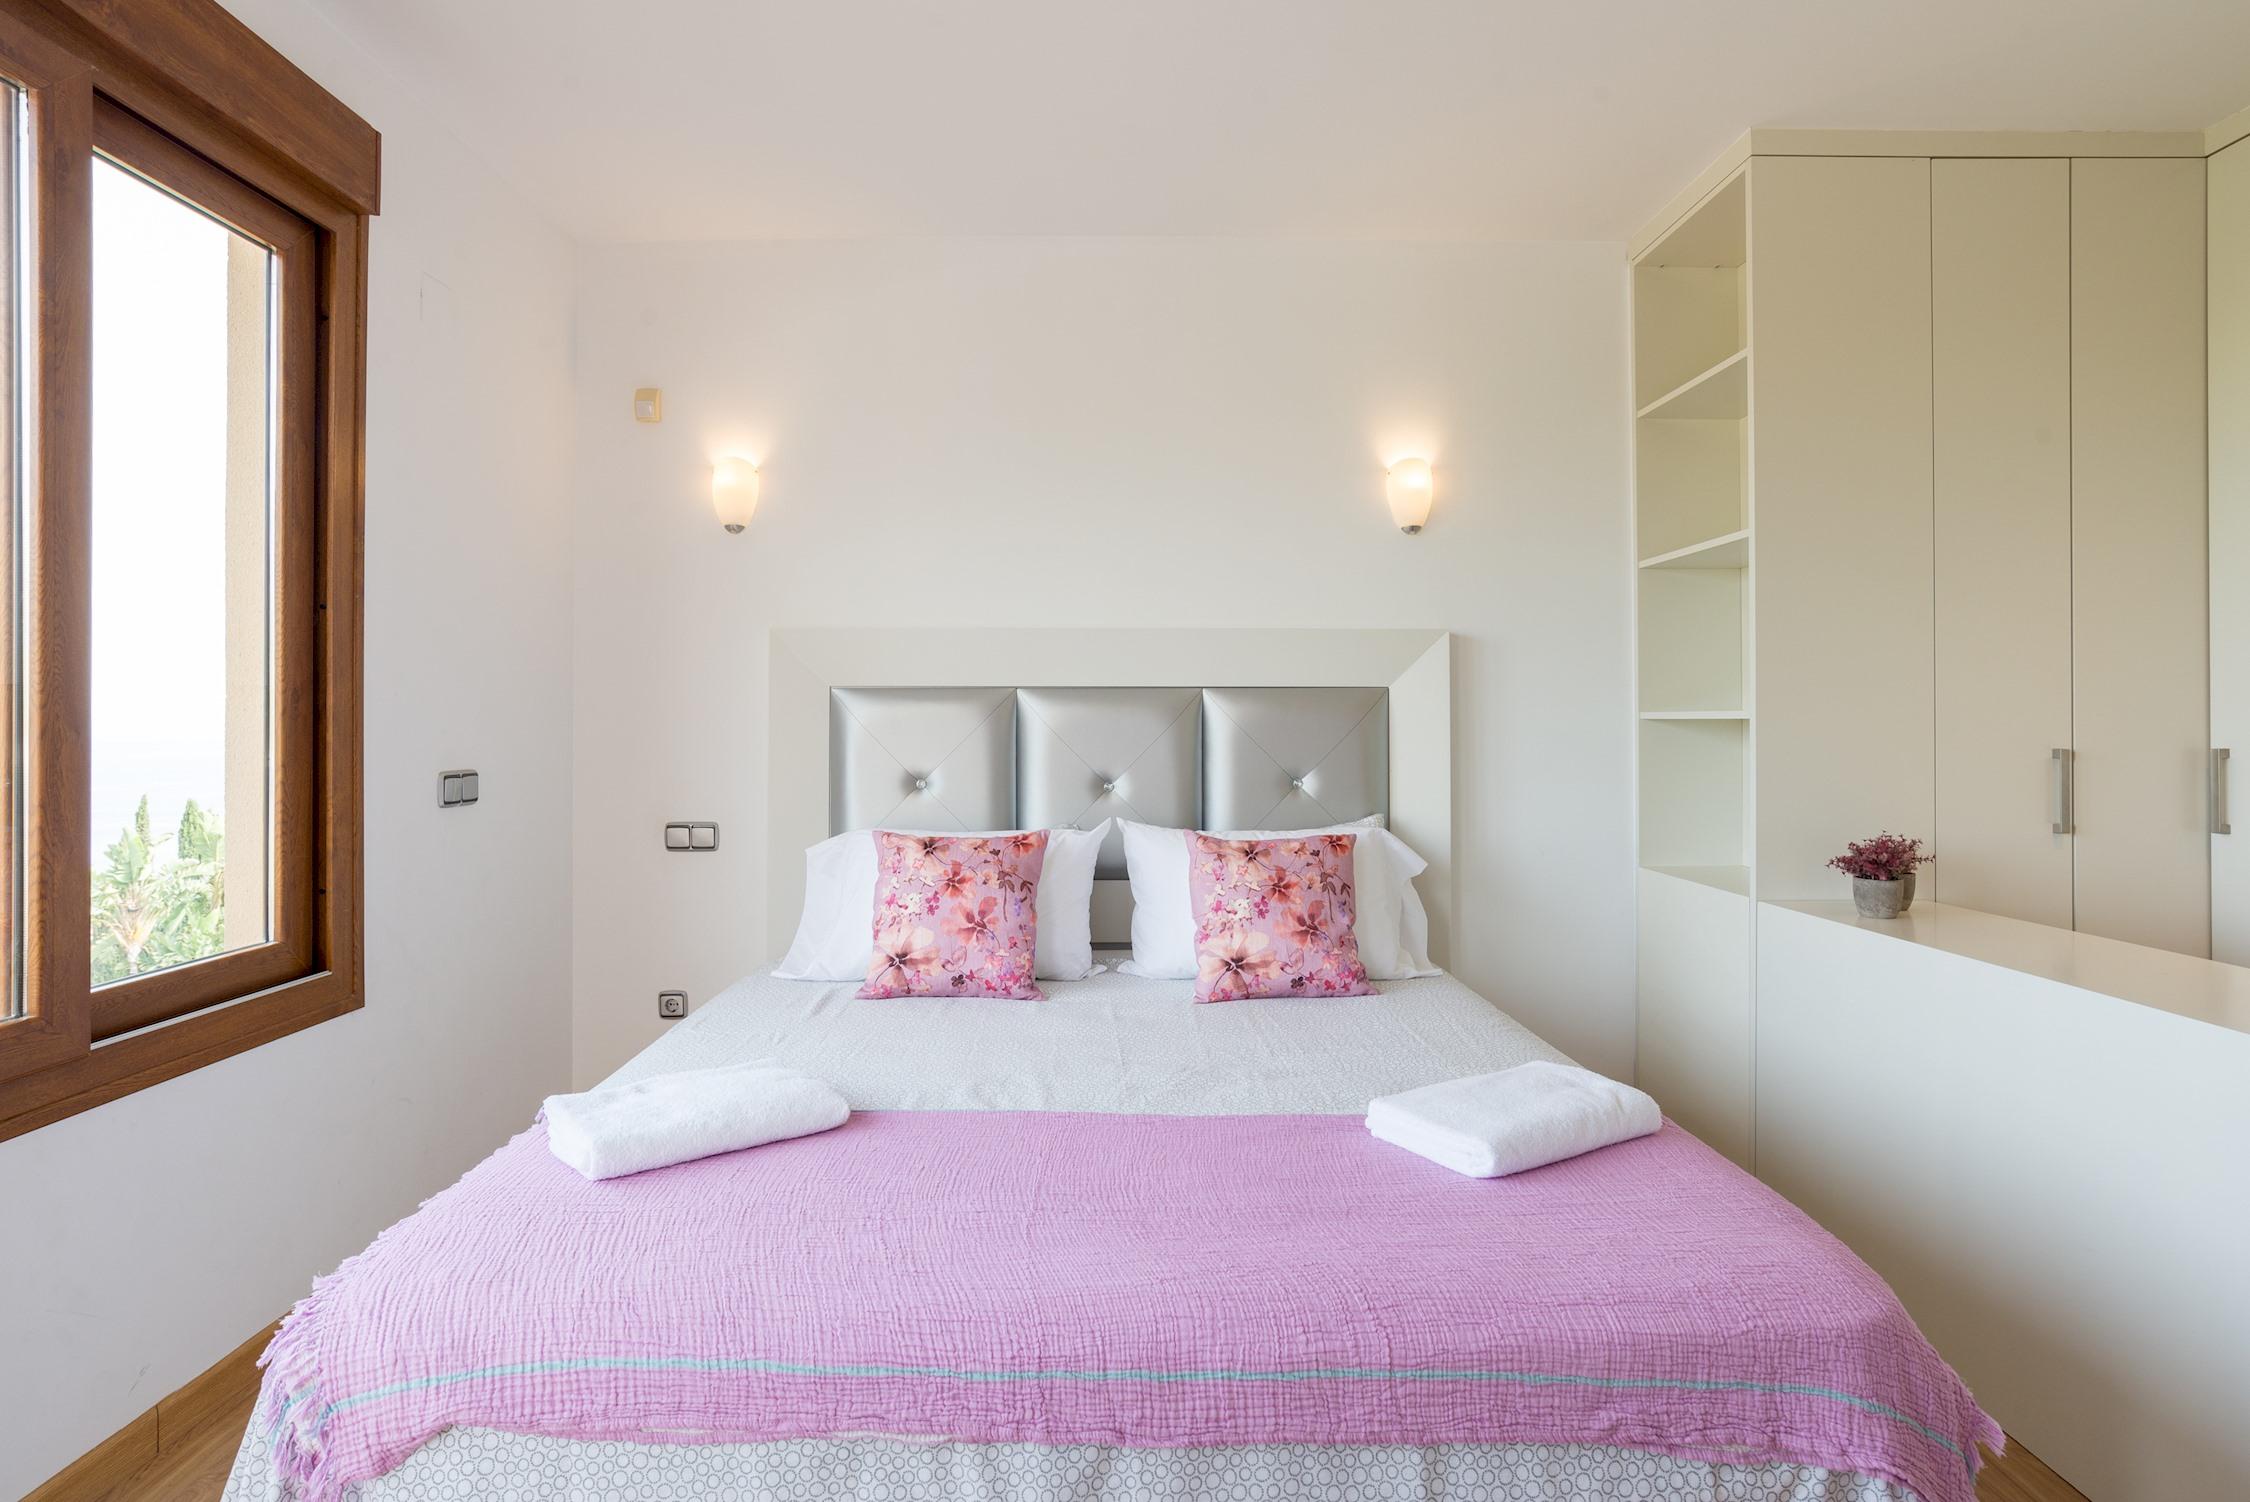 Apartment MalagaSuite Private Deluxe Villa photo 20236405